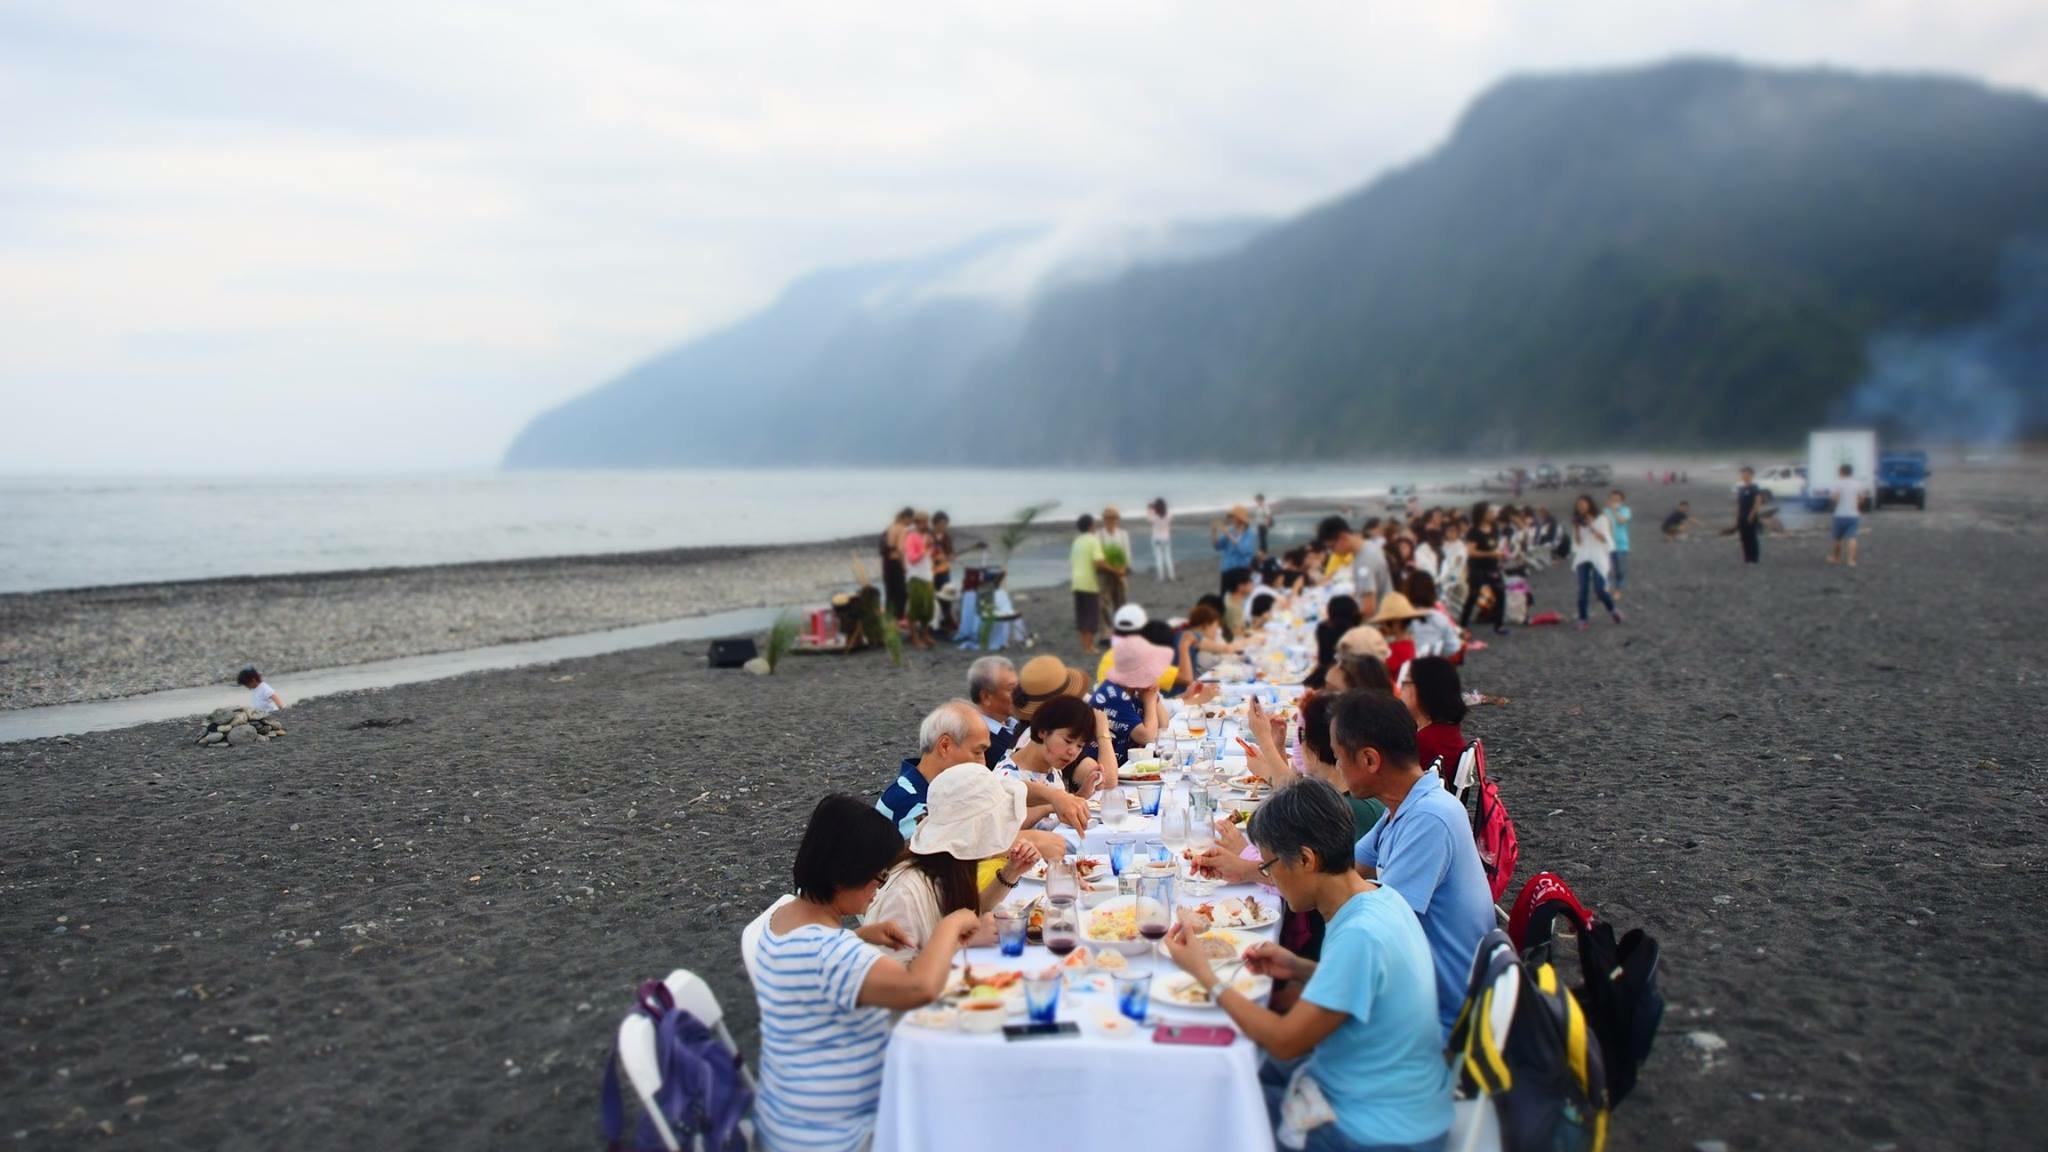 等一起來創作!專屬台灣農村在地節慶的【南澳生活節】